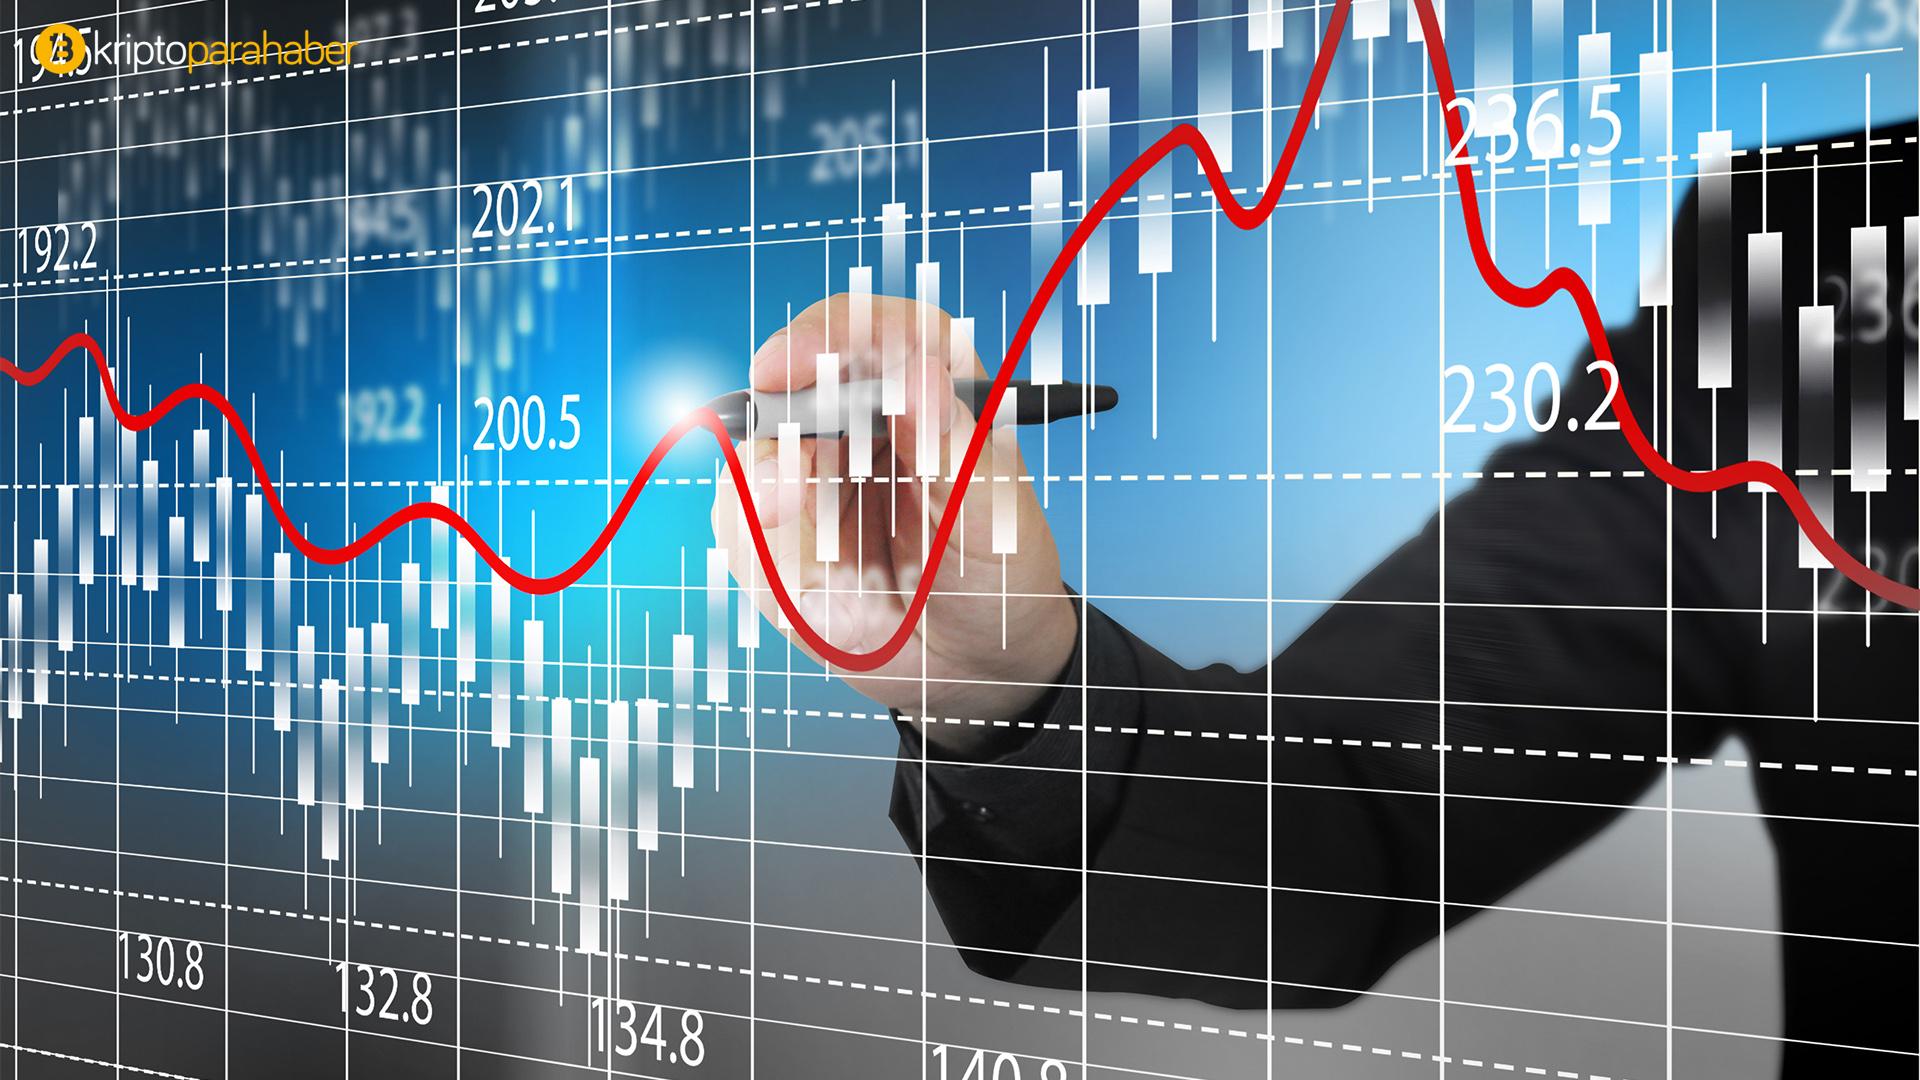 Teknik göstergeler üç kripto para için yükseliş sinyali verdi!